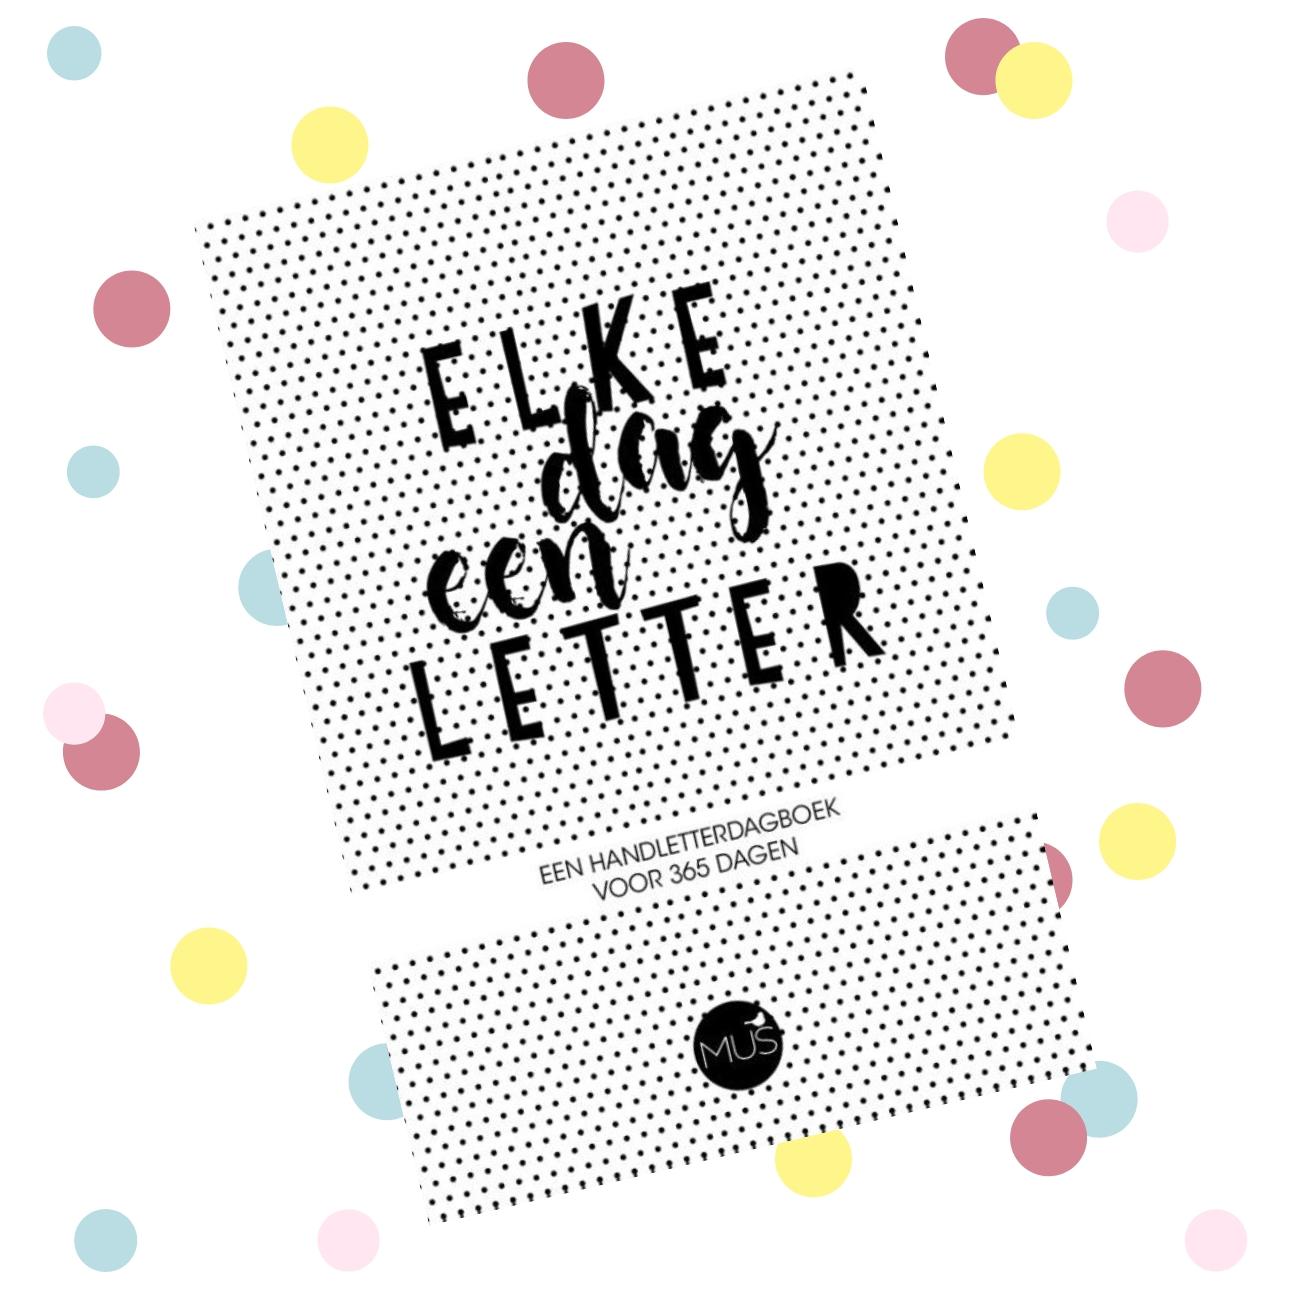 creatieve dagboeken elke dag letter